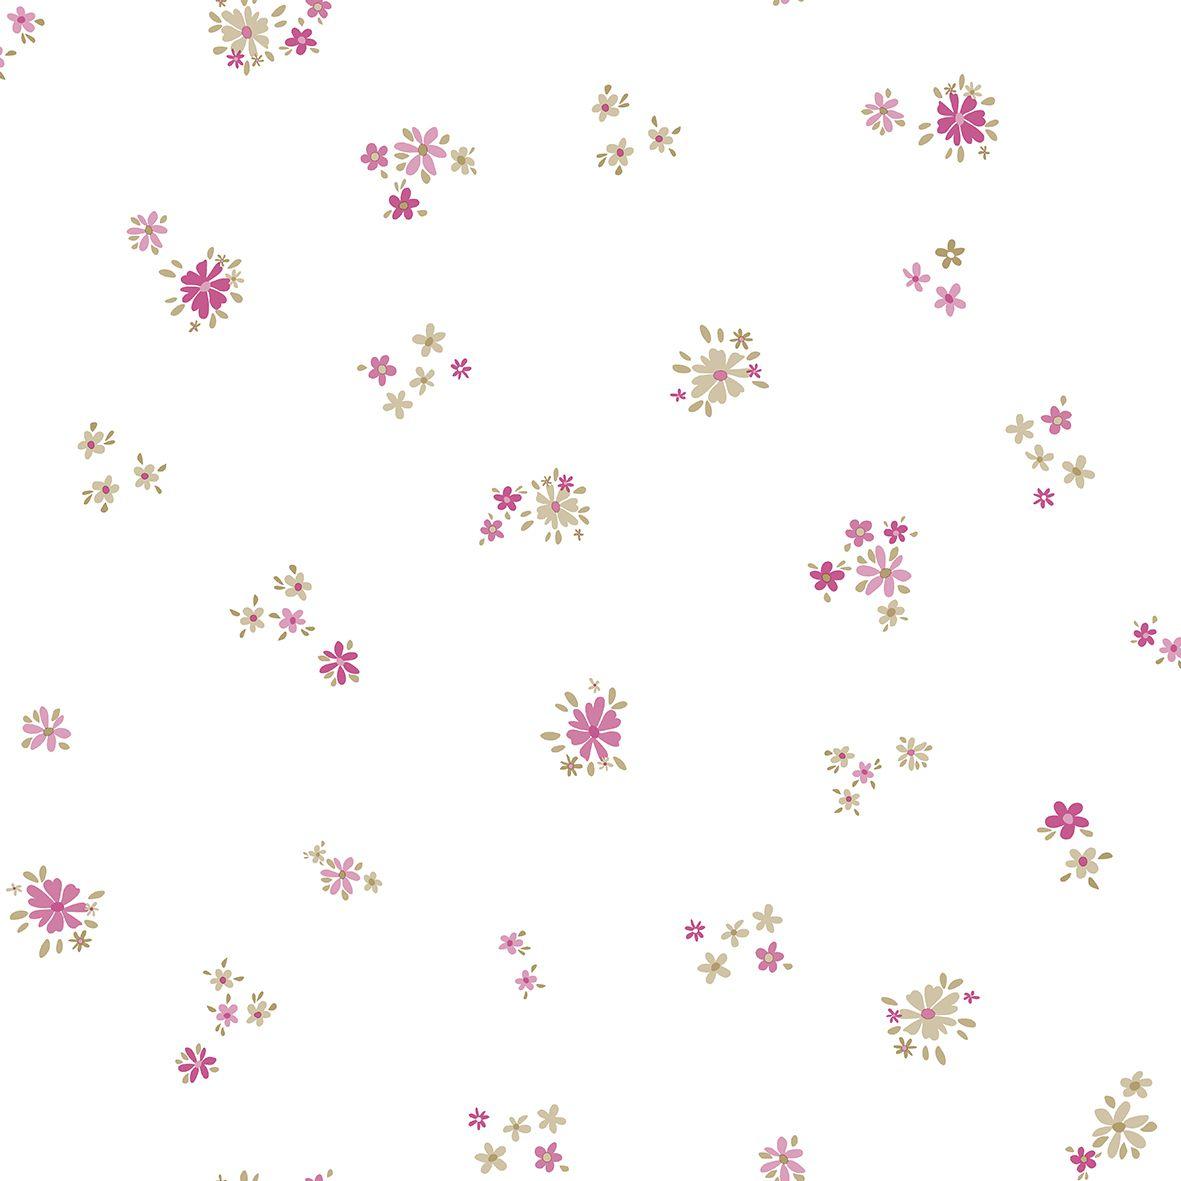 Papel de Parede  Kan Tai Vinilico Infantil Coleção Olá Baby 2 Floral Creme, Rosa, Marrom